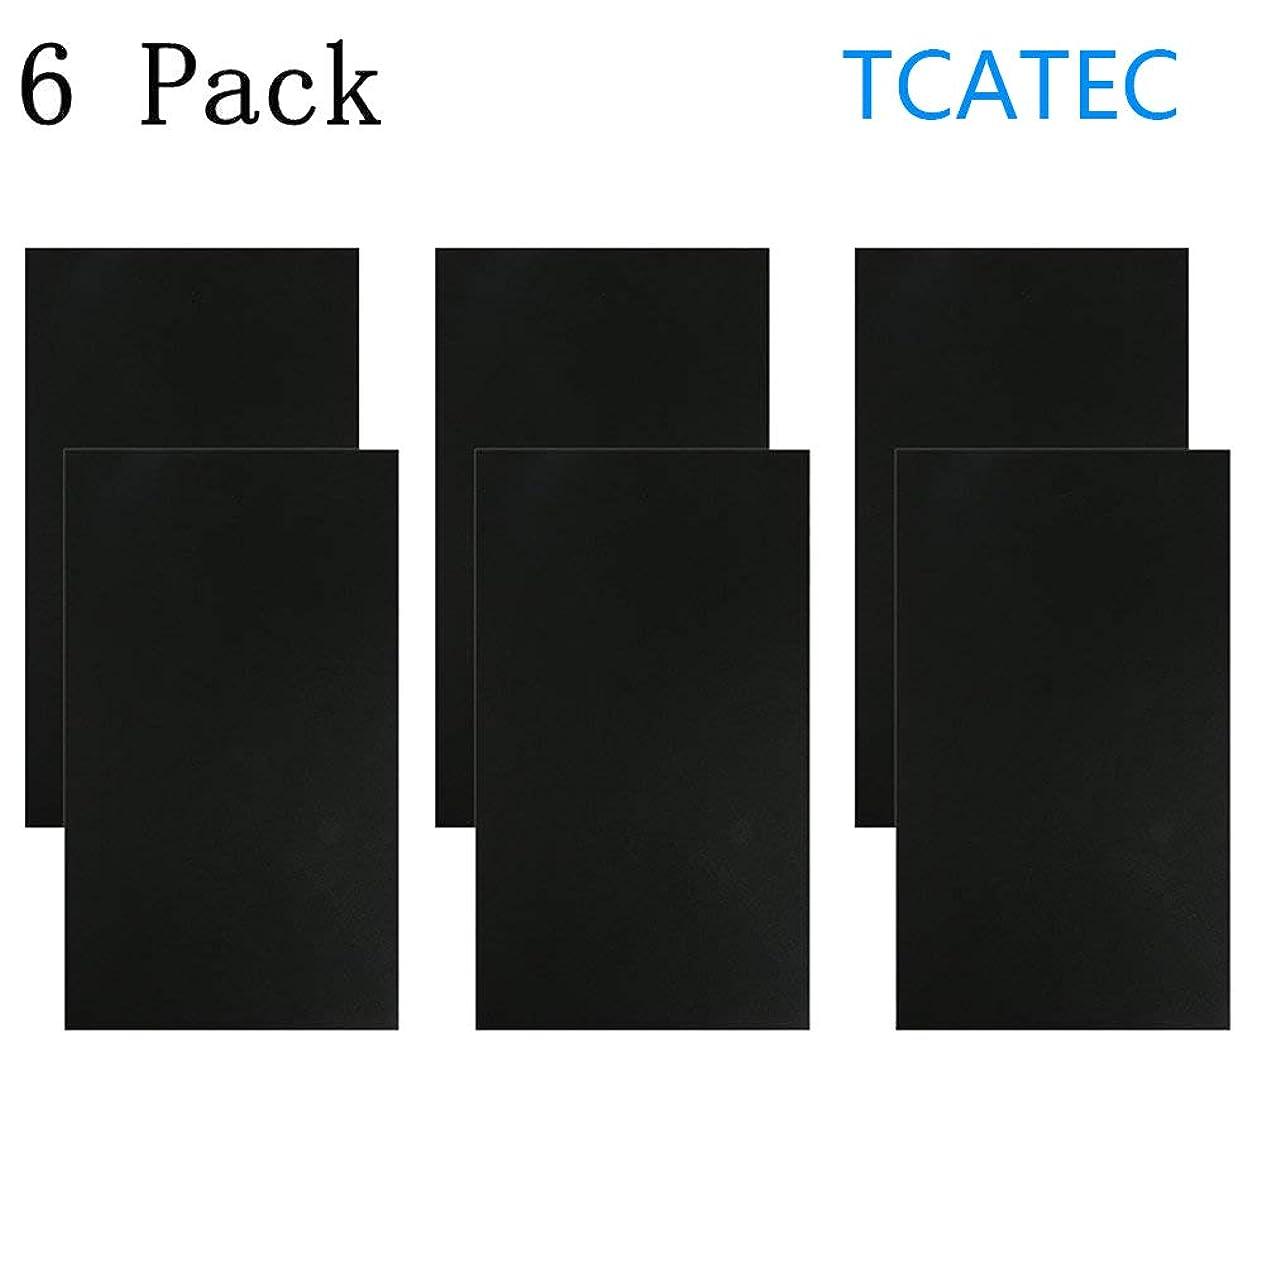 確執細い鎮静剤TCATEC レザーシール 黒 貼るレザー 合皮補修シート 15*25CM 補修テープ 革 家具 ソファ シート 財布 バッグ 修理用 6枚セット